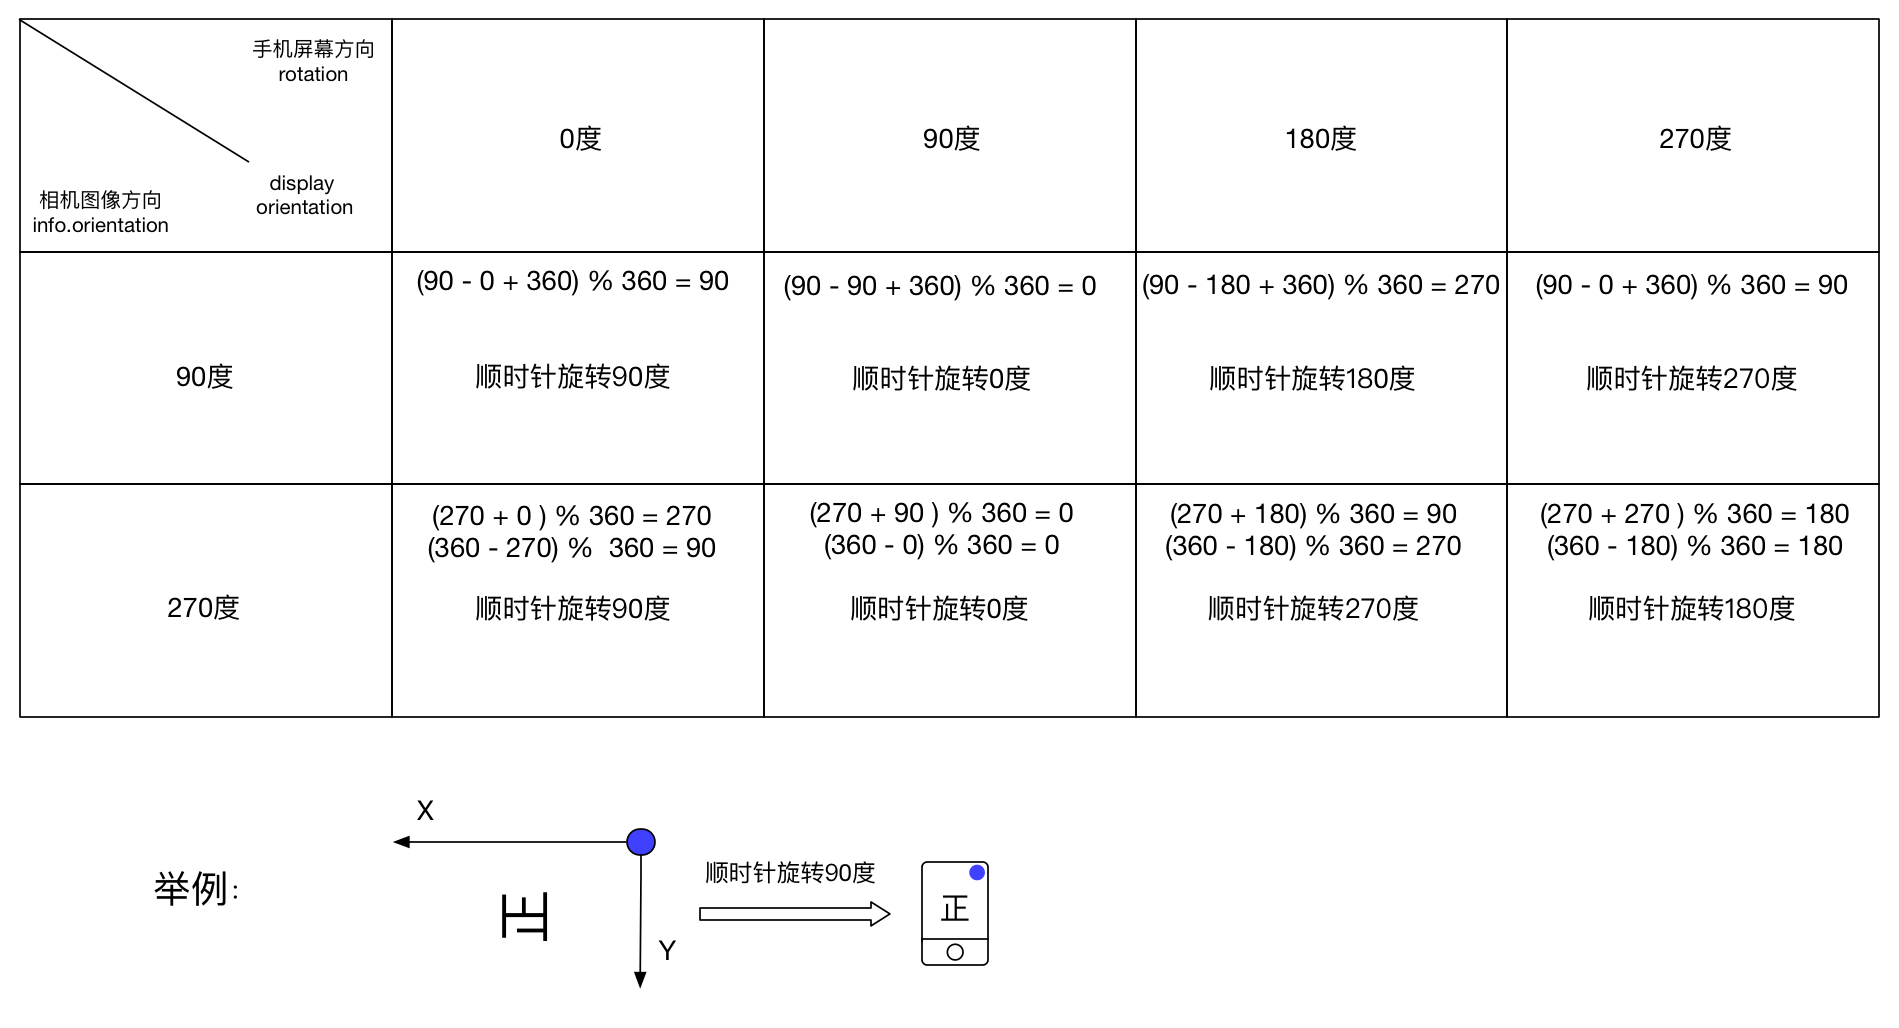 图3 不同屏幕方向及相机图像方向下对应的 display orientation 的值